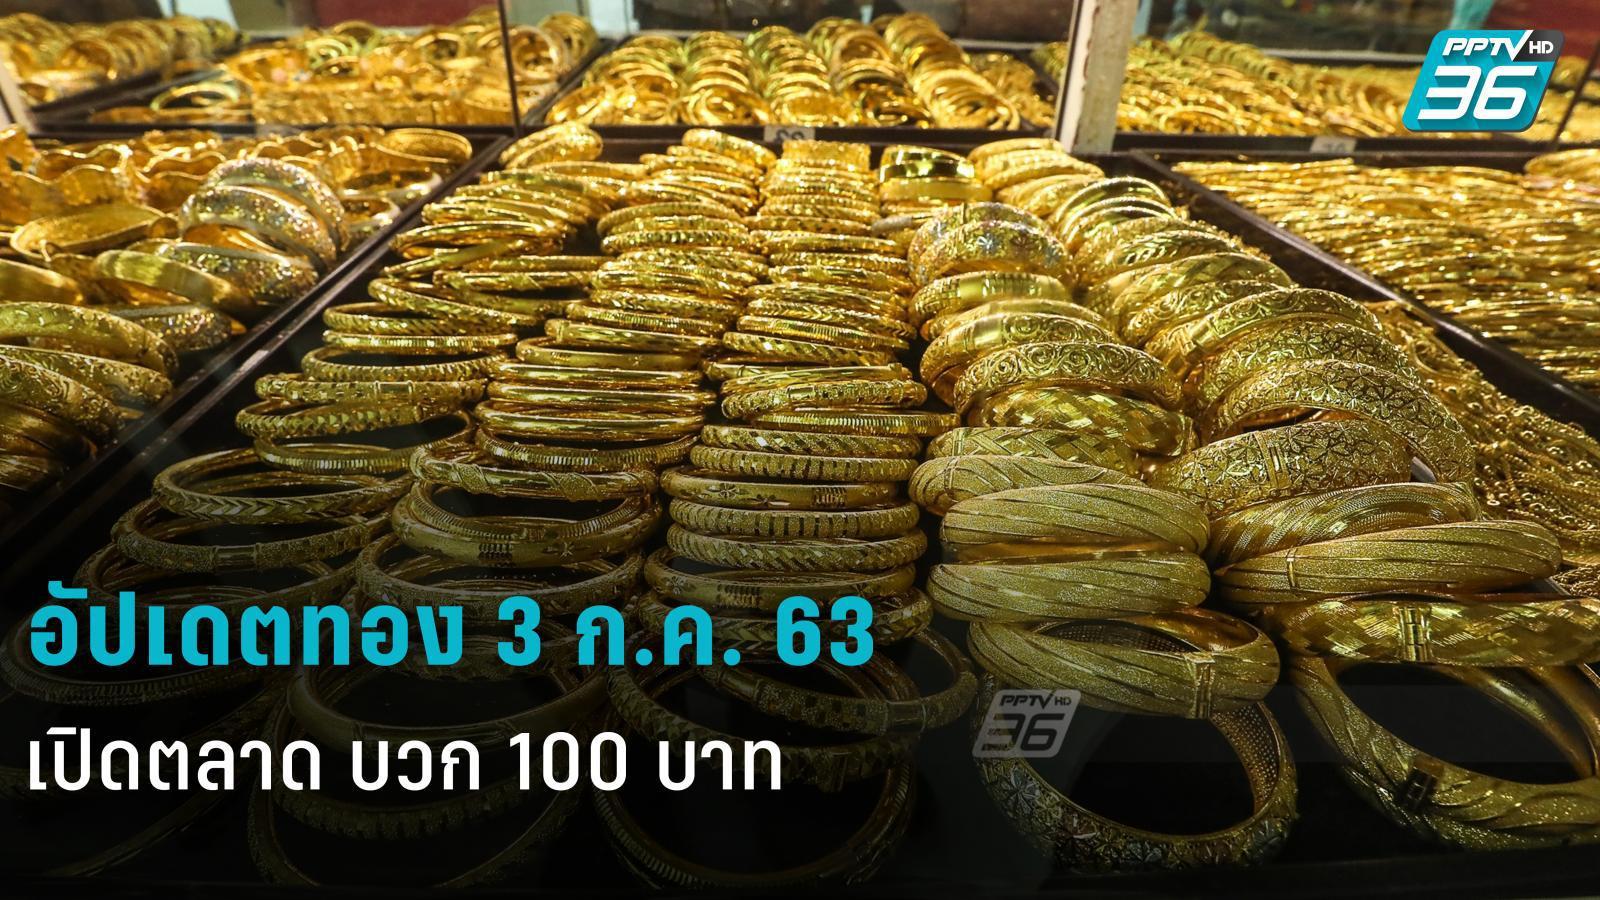 ราคาทองวันนี้ – 3 ก.ค. 63 เปิดตลาด บวก 100 บาท